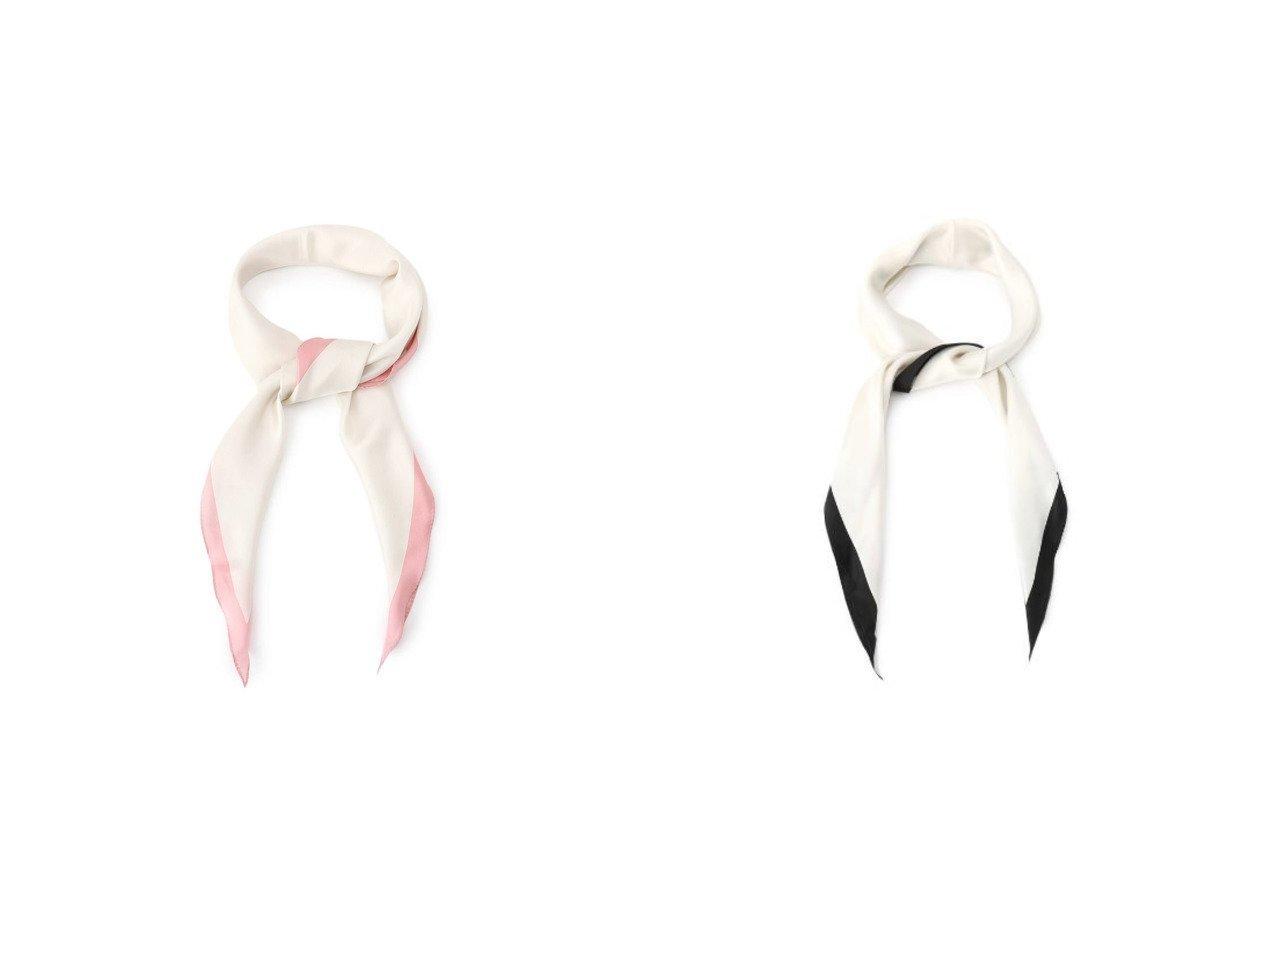 【UNTITLED/アンタイトル】のダイヤシェイプラインスカーフ&ダイヤシェイプラインスカーフ UNTITLEDのおすすめ!人気、トレンド・レディースファッションの通販 おすすめで人気の流行・トレンド、ファッションの通販商品 メンズファッション・キッズファッション・インテリア・家具・レディースファッション・服の通販 founy(ファニー) https://founy.com/ ファッション Fashion レディースファッション WOMEN ストール Scarves マフラー Mufflers 2021年 2021 2021 春夏 S/S SS Spring/Summer 2021 S/S 春夏 SS Spring/Summer シルク シンプル スカーフ 春 Spring ストール マフラー |ID:crp329100000019963